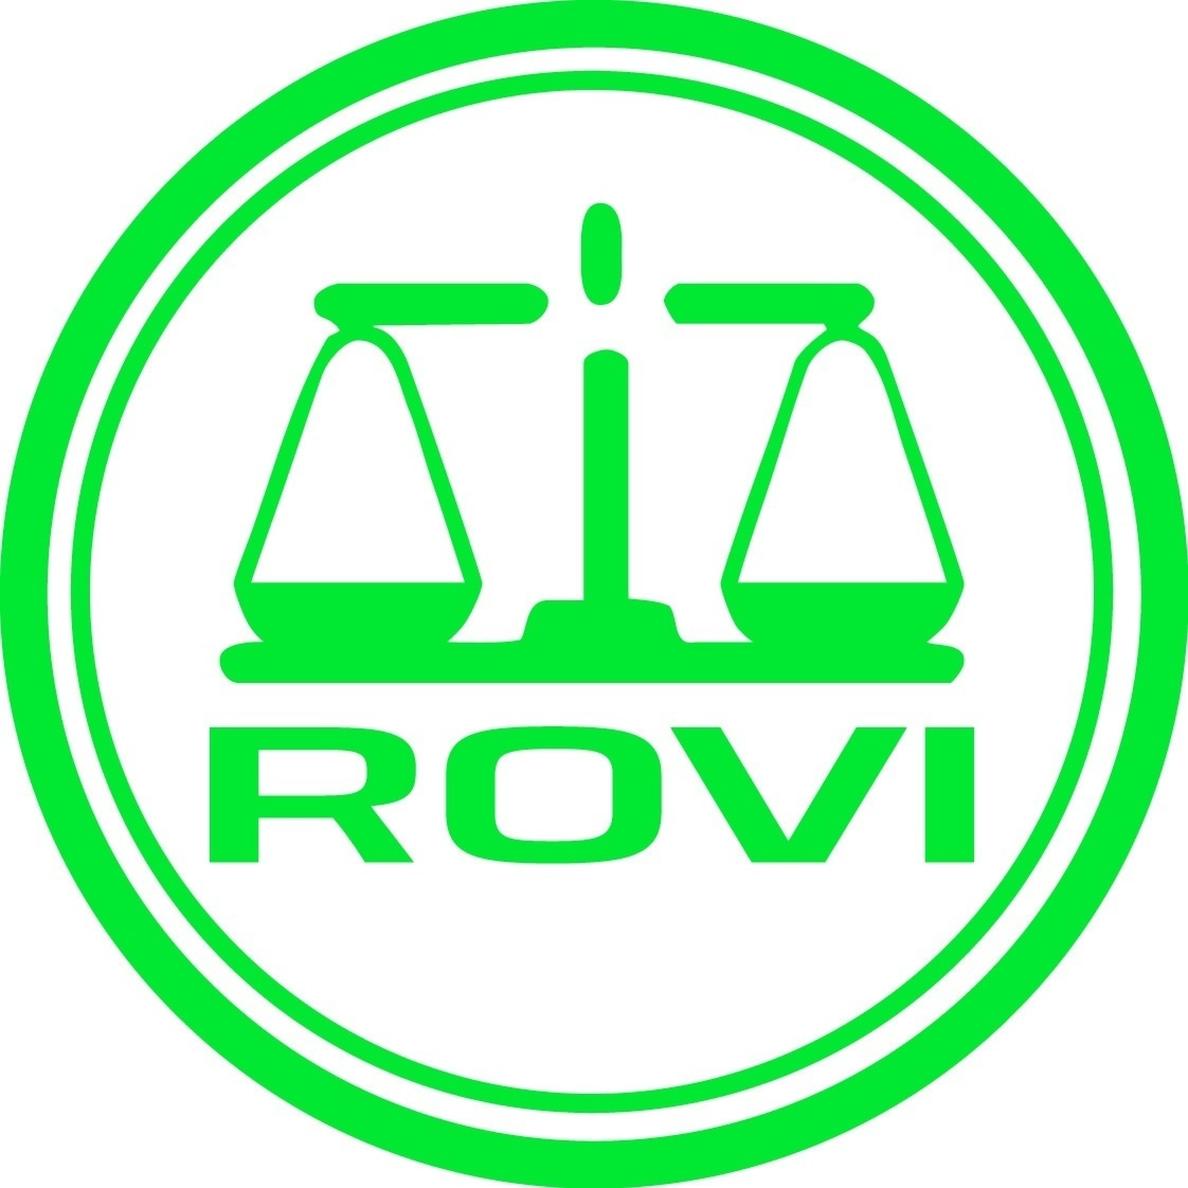 Rovi logra un beneficio récord de 26,1 millones en 2016 y pagará dividendo de 0,18 euros